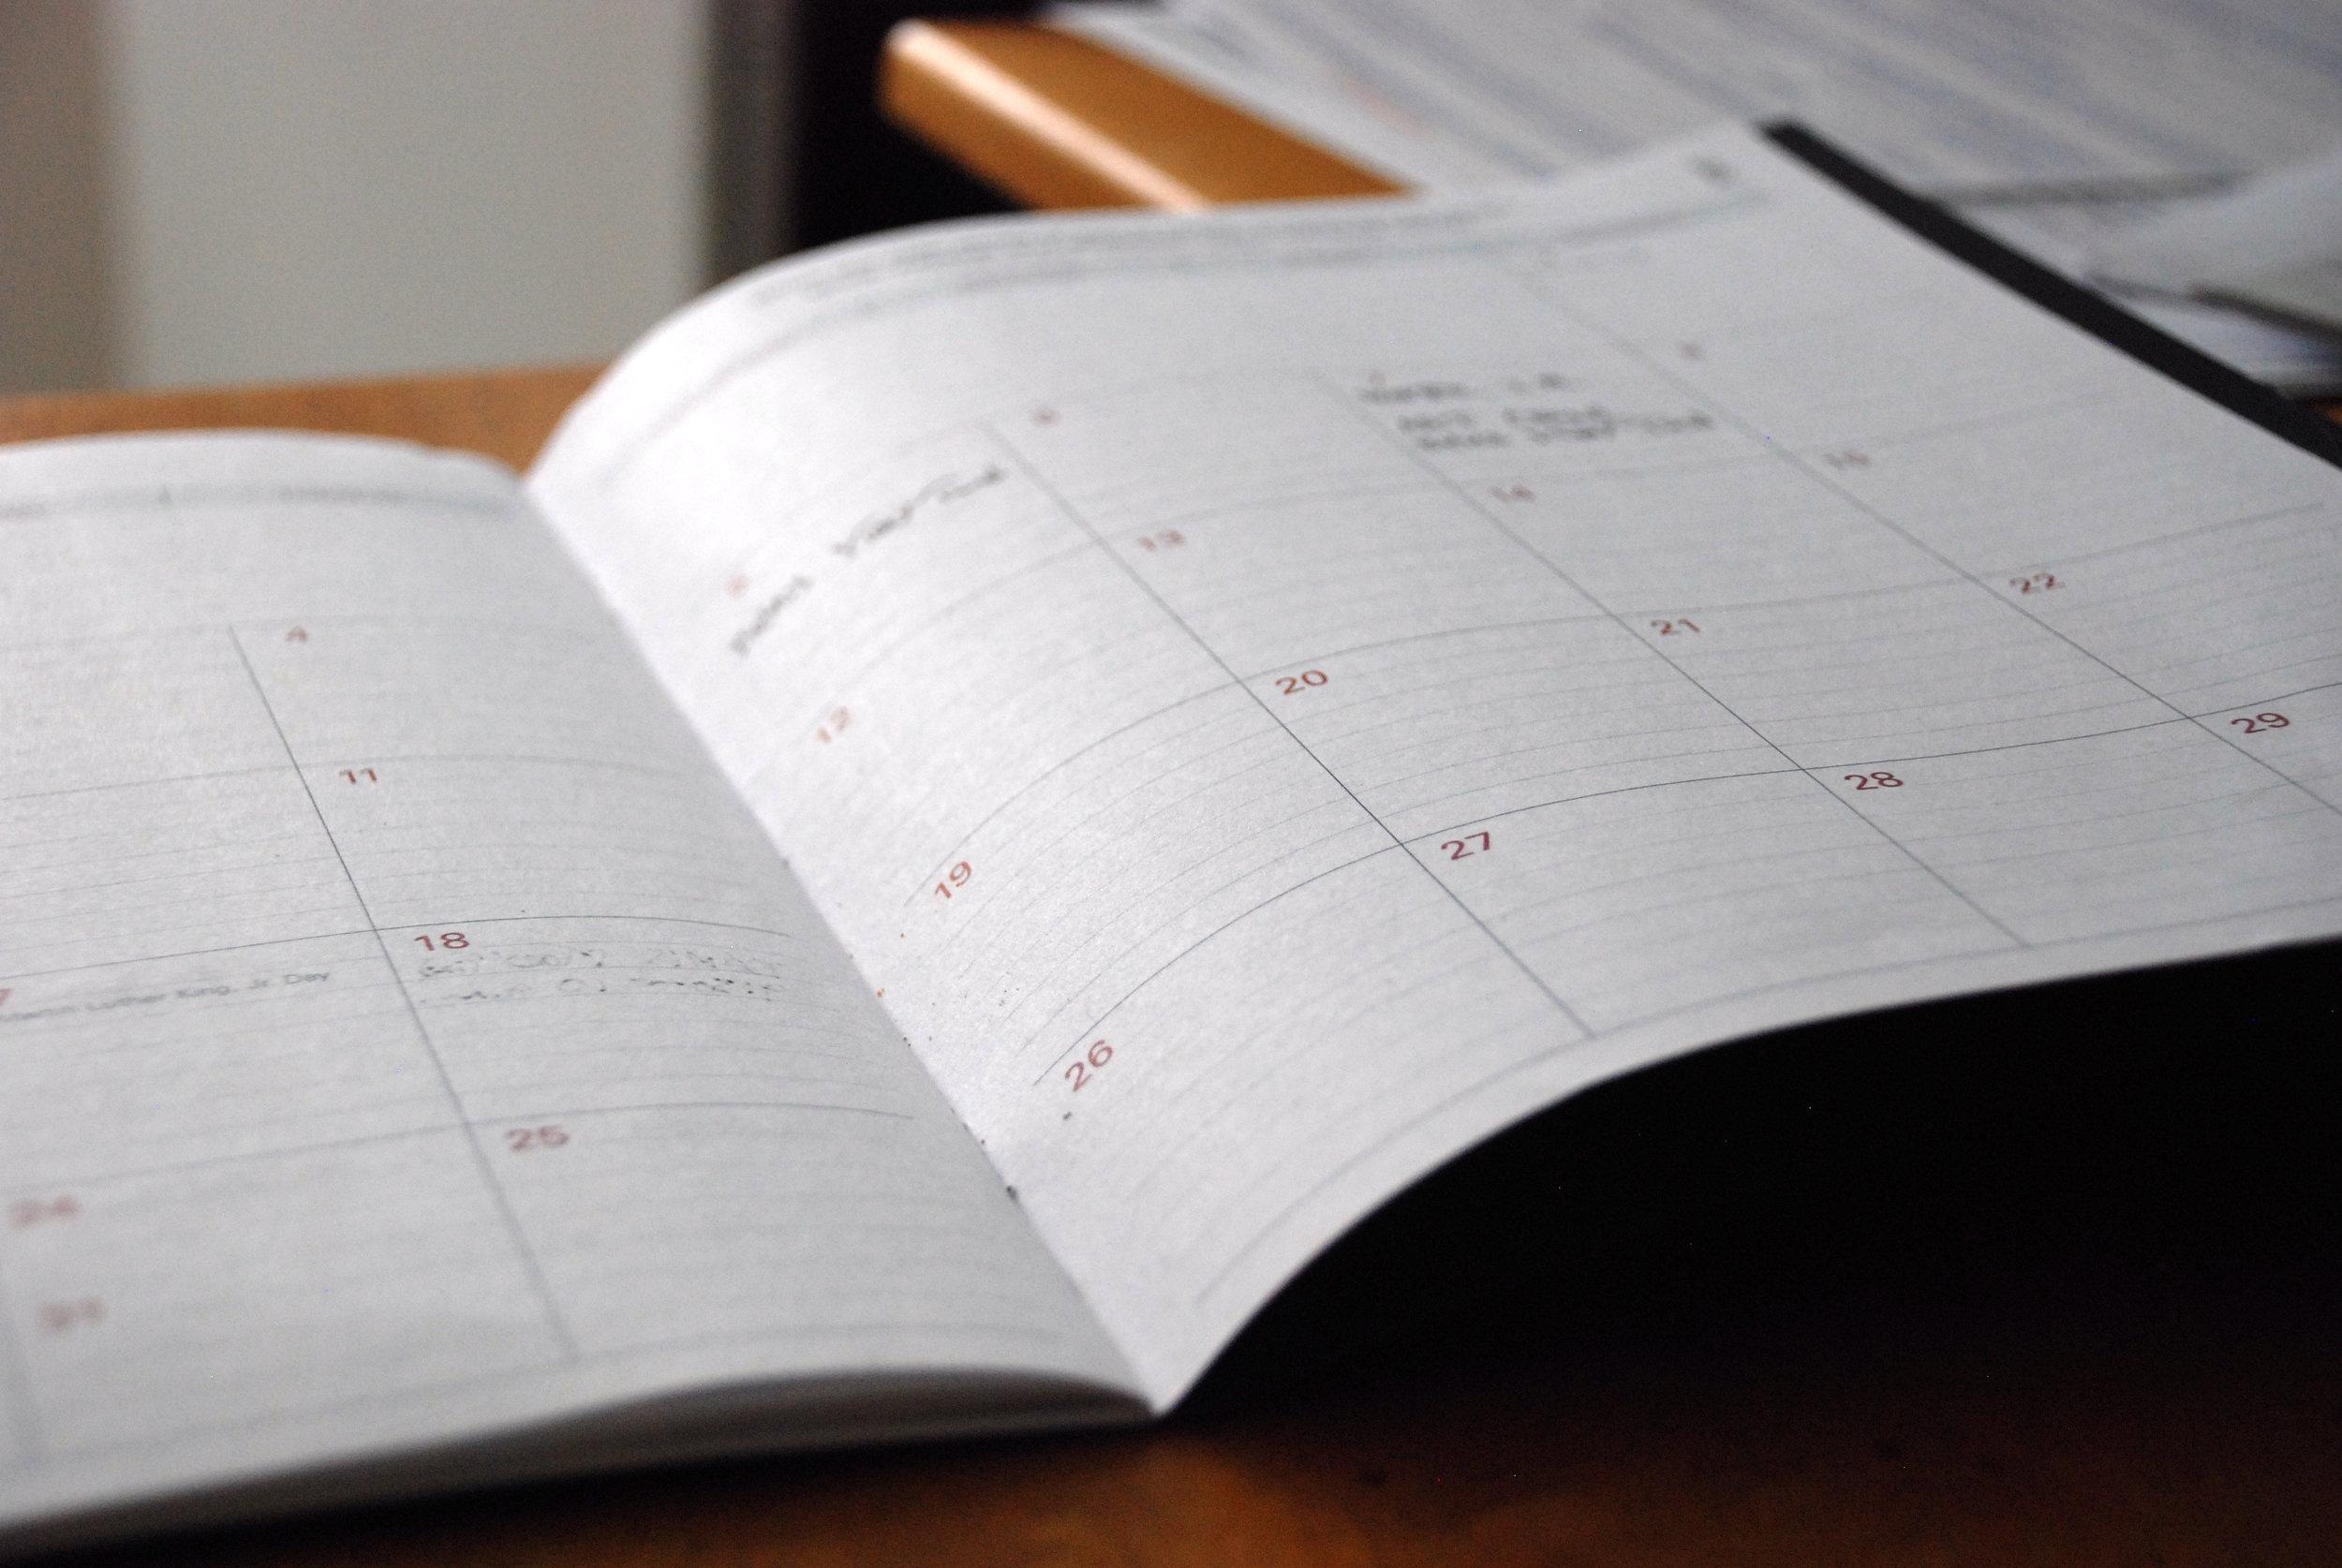 SCHEDULE - Timeline